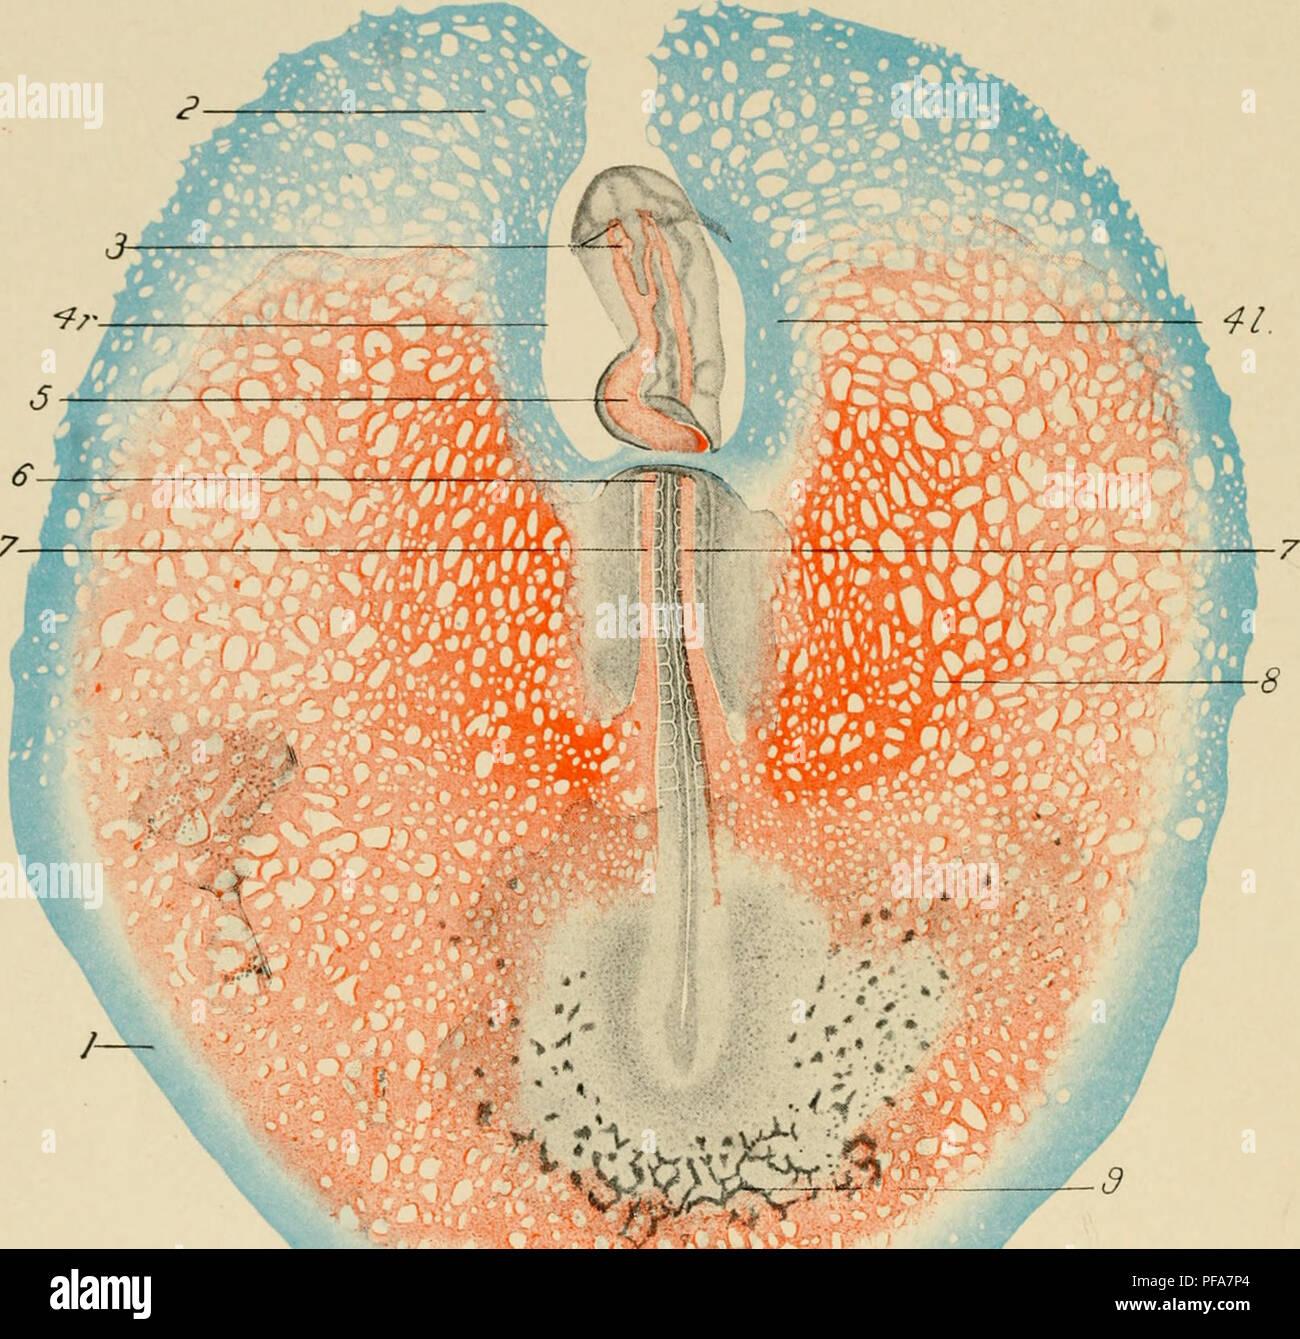 die entwicklung der k ken eine einf hrung in die embryologie embryologie h hner embryonen. Black Bedroom Furniture Sets. Home Design Ideas